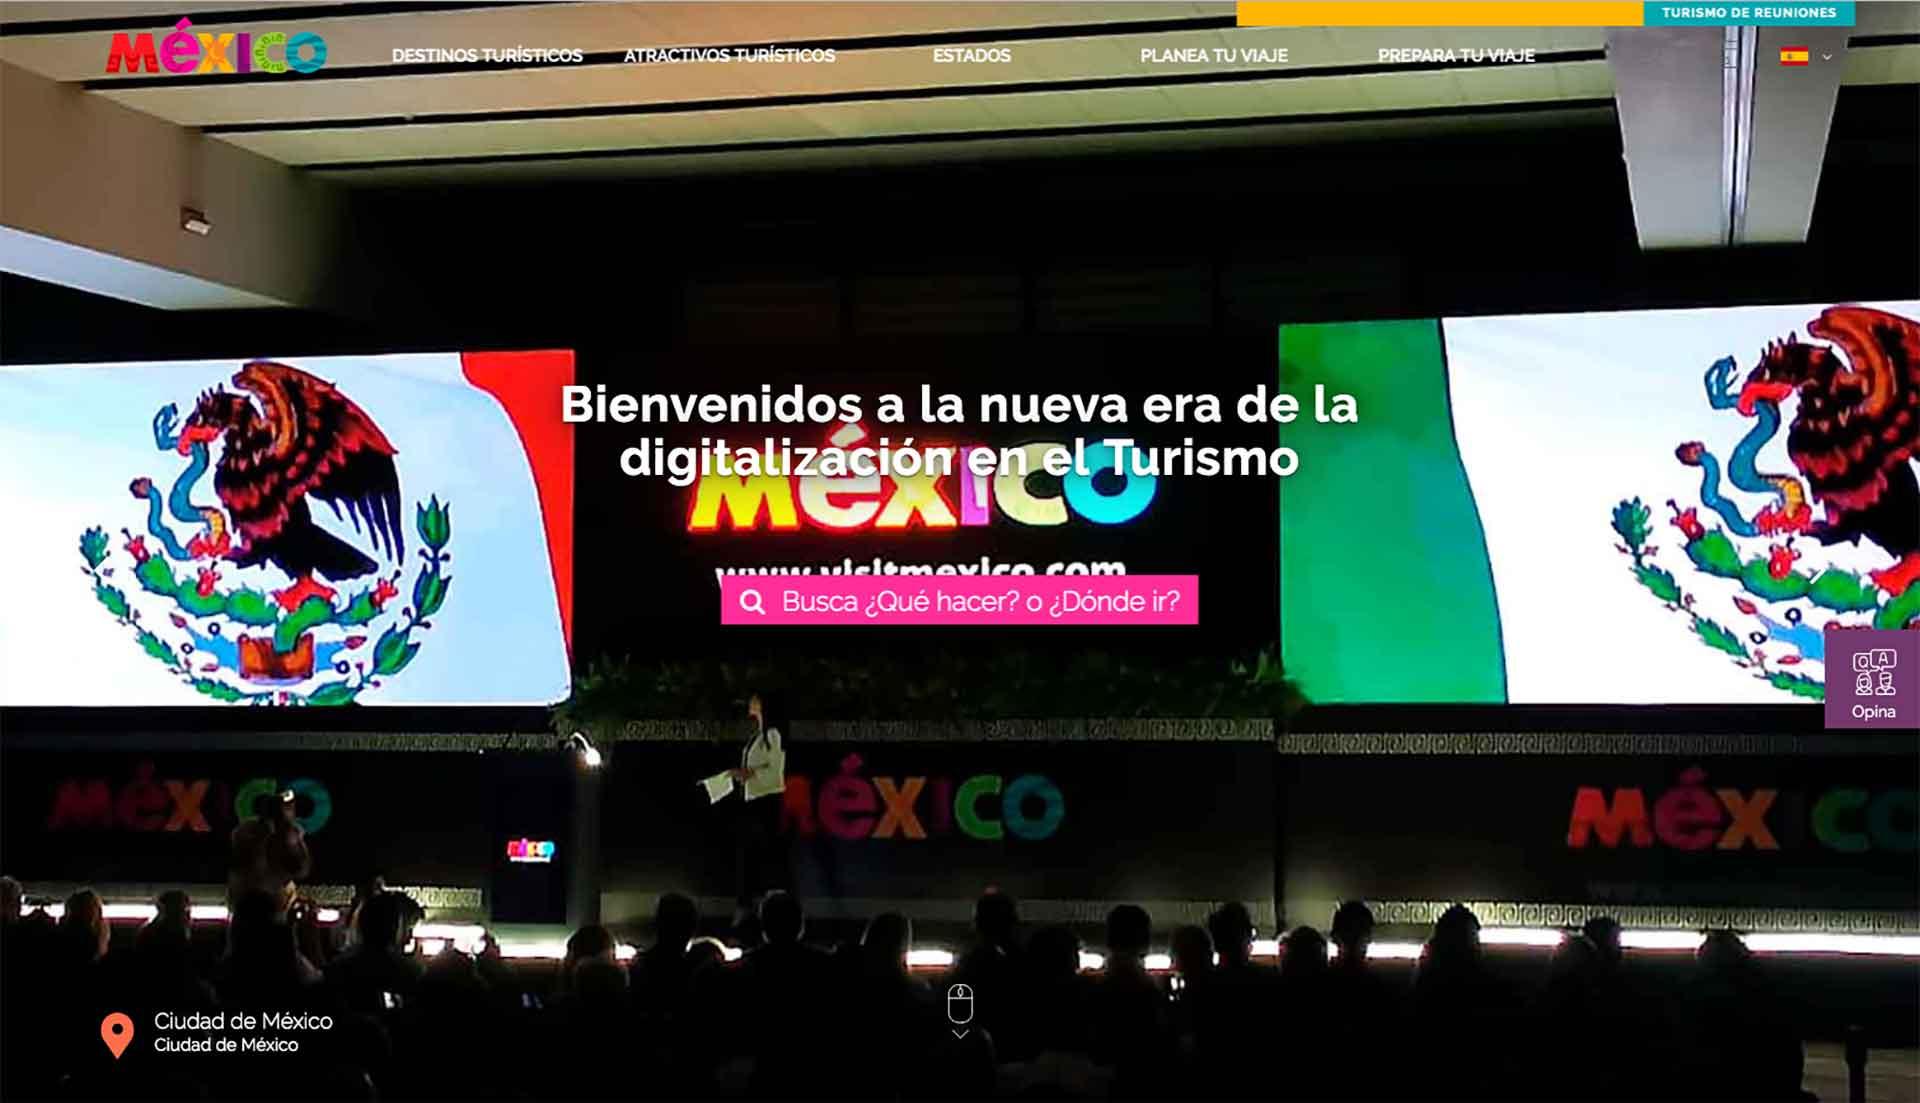 VisitMexico